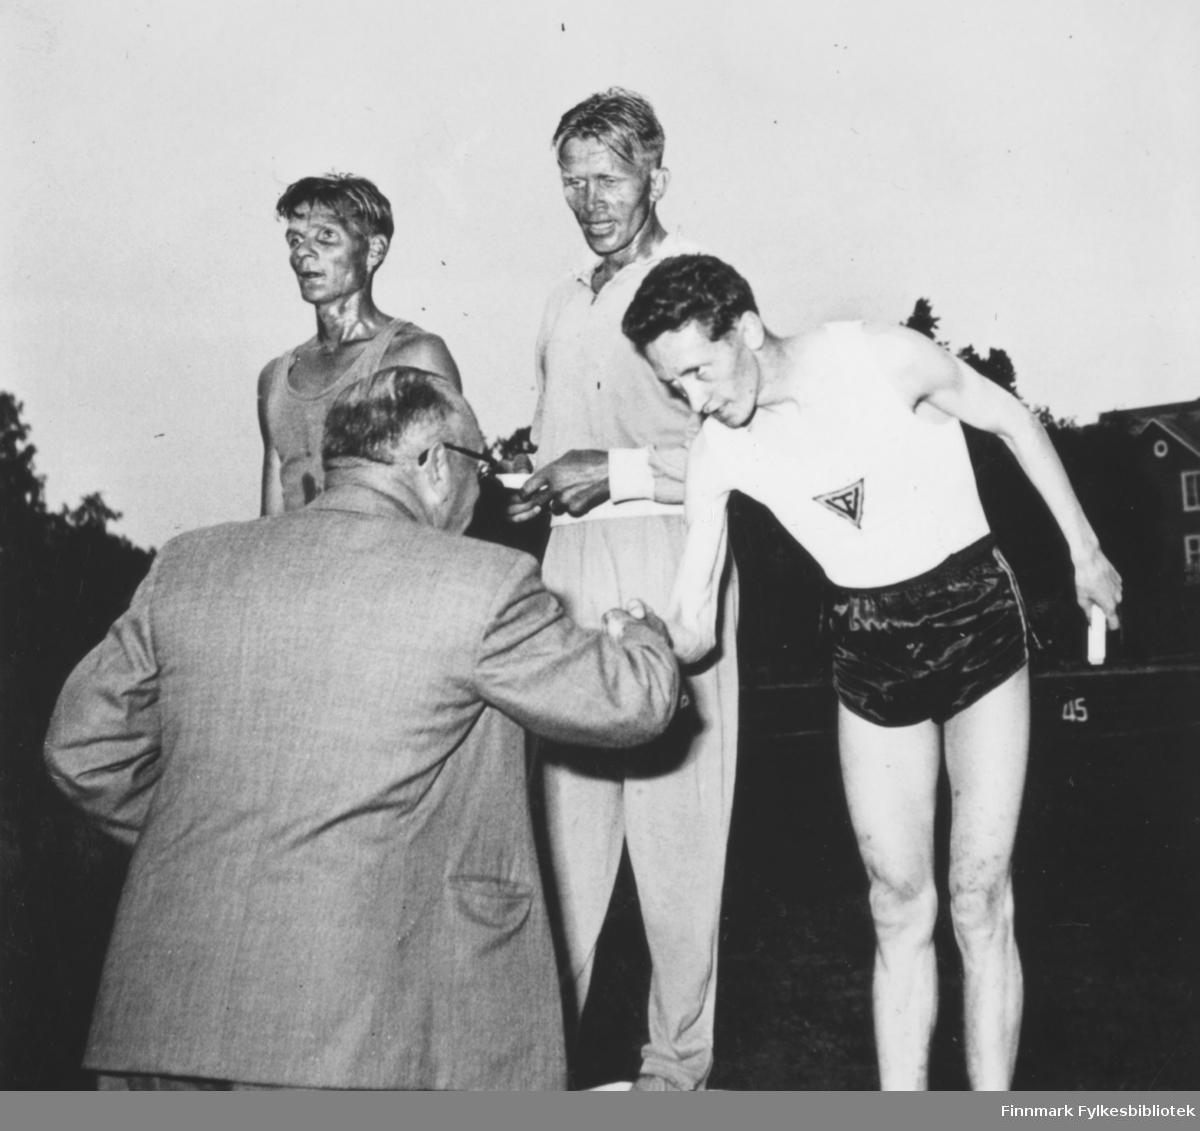 Fra et 1500 m løp i Kemi i Finland (1956). Dobbeltseier til Finland, Ragnvald Dahl fikk bronse. Kretsrekord 3.59.6.